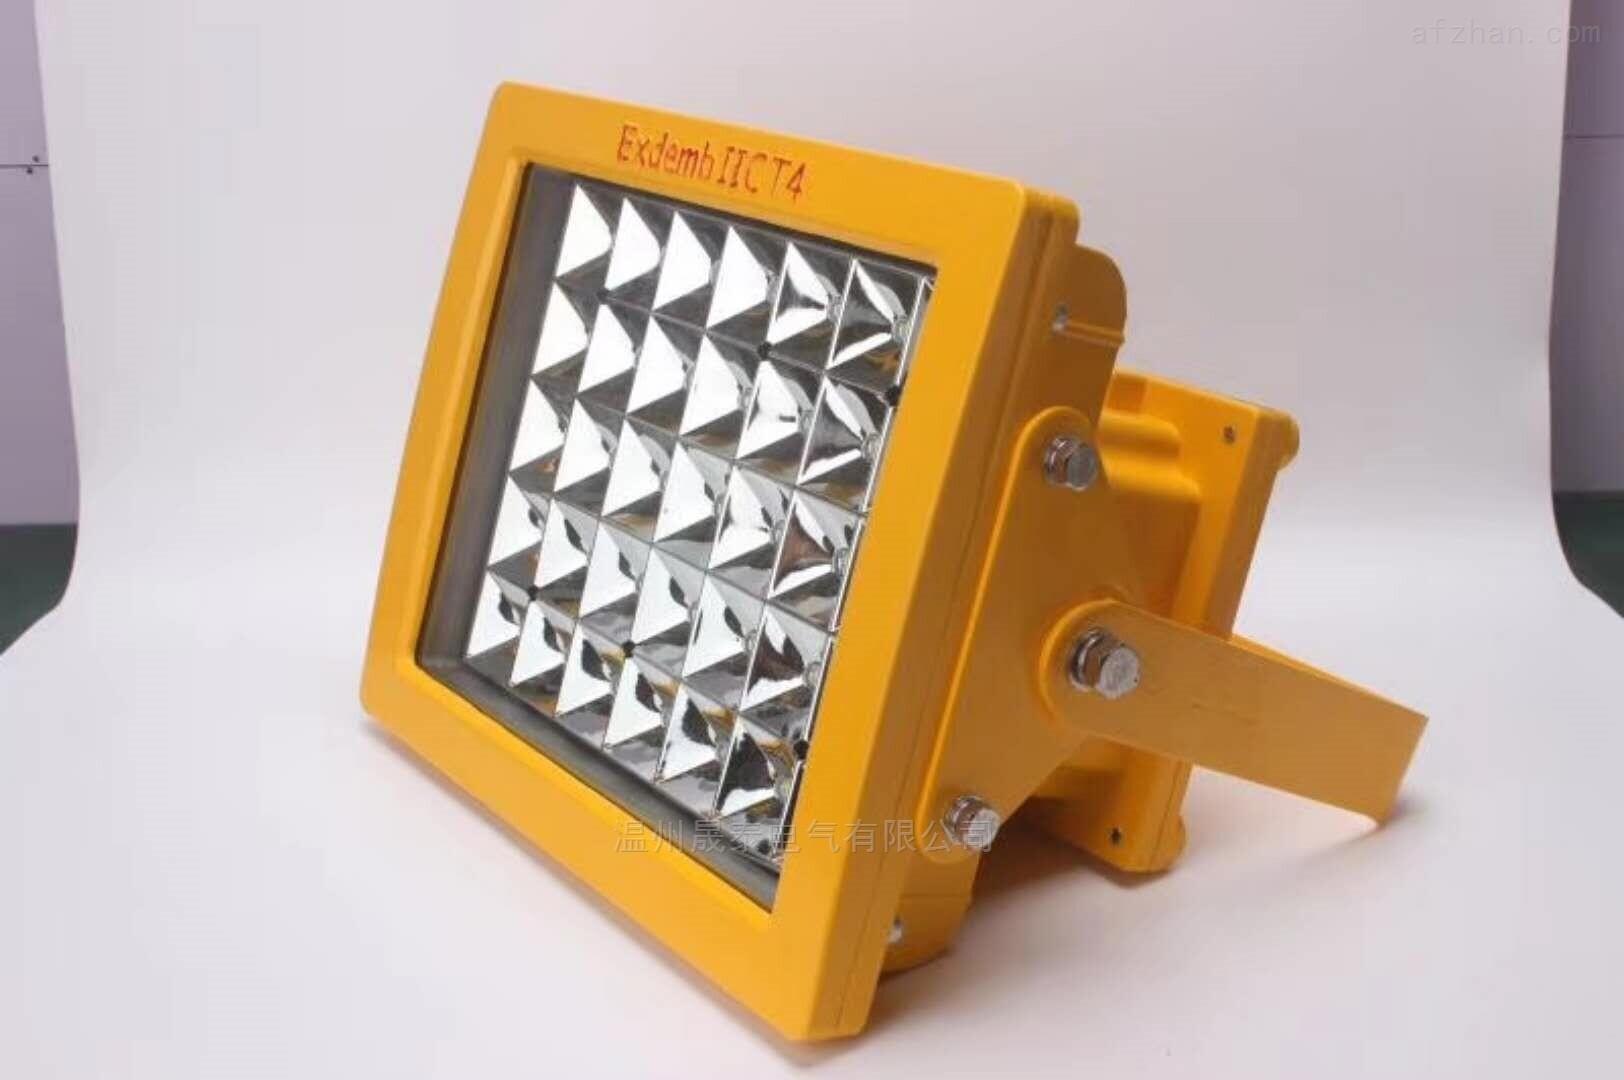 加油站加气站专用LED防爆照明灯100W